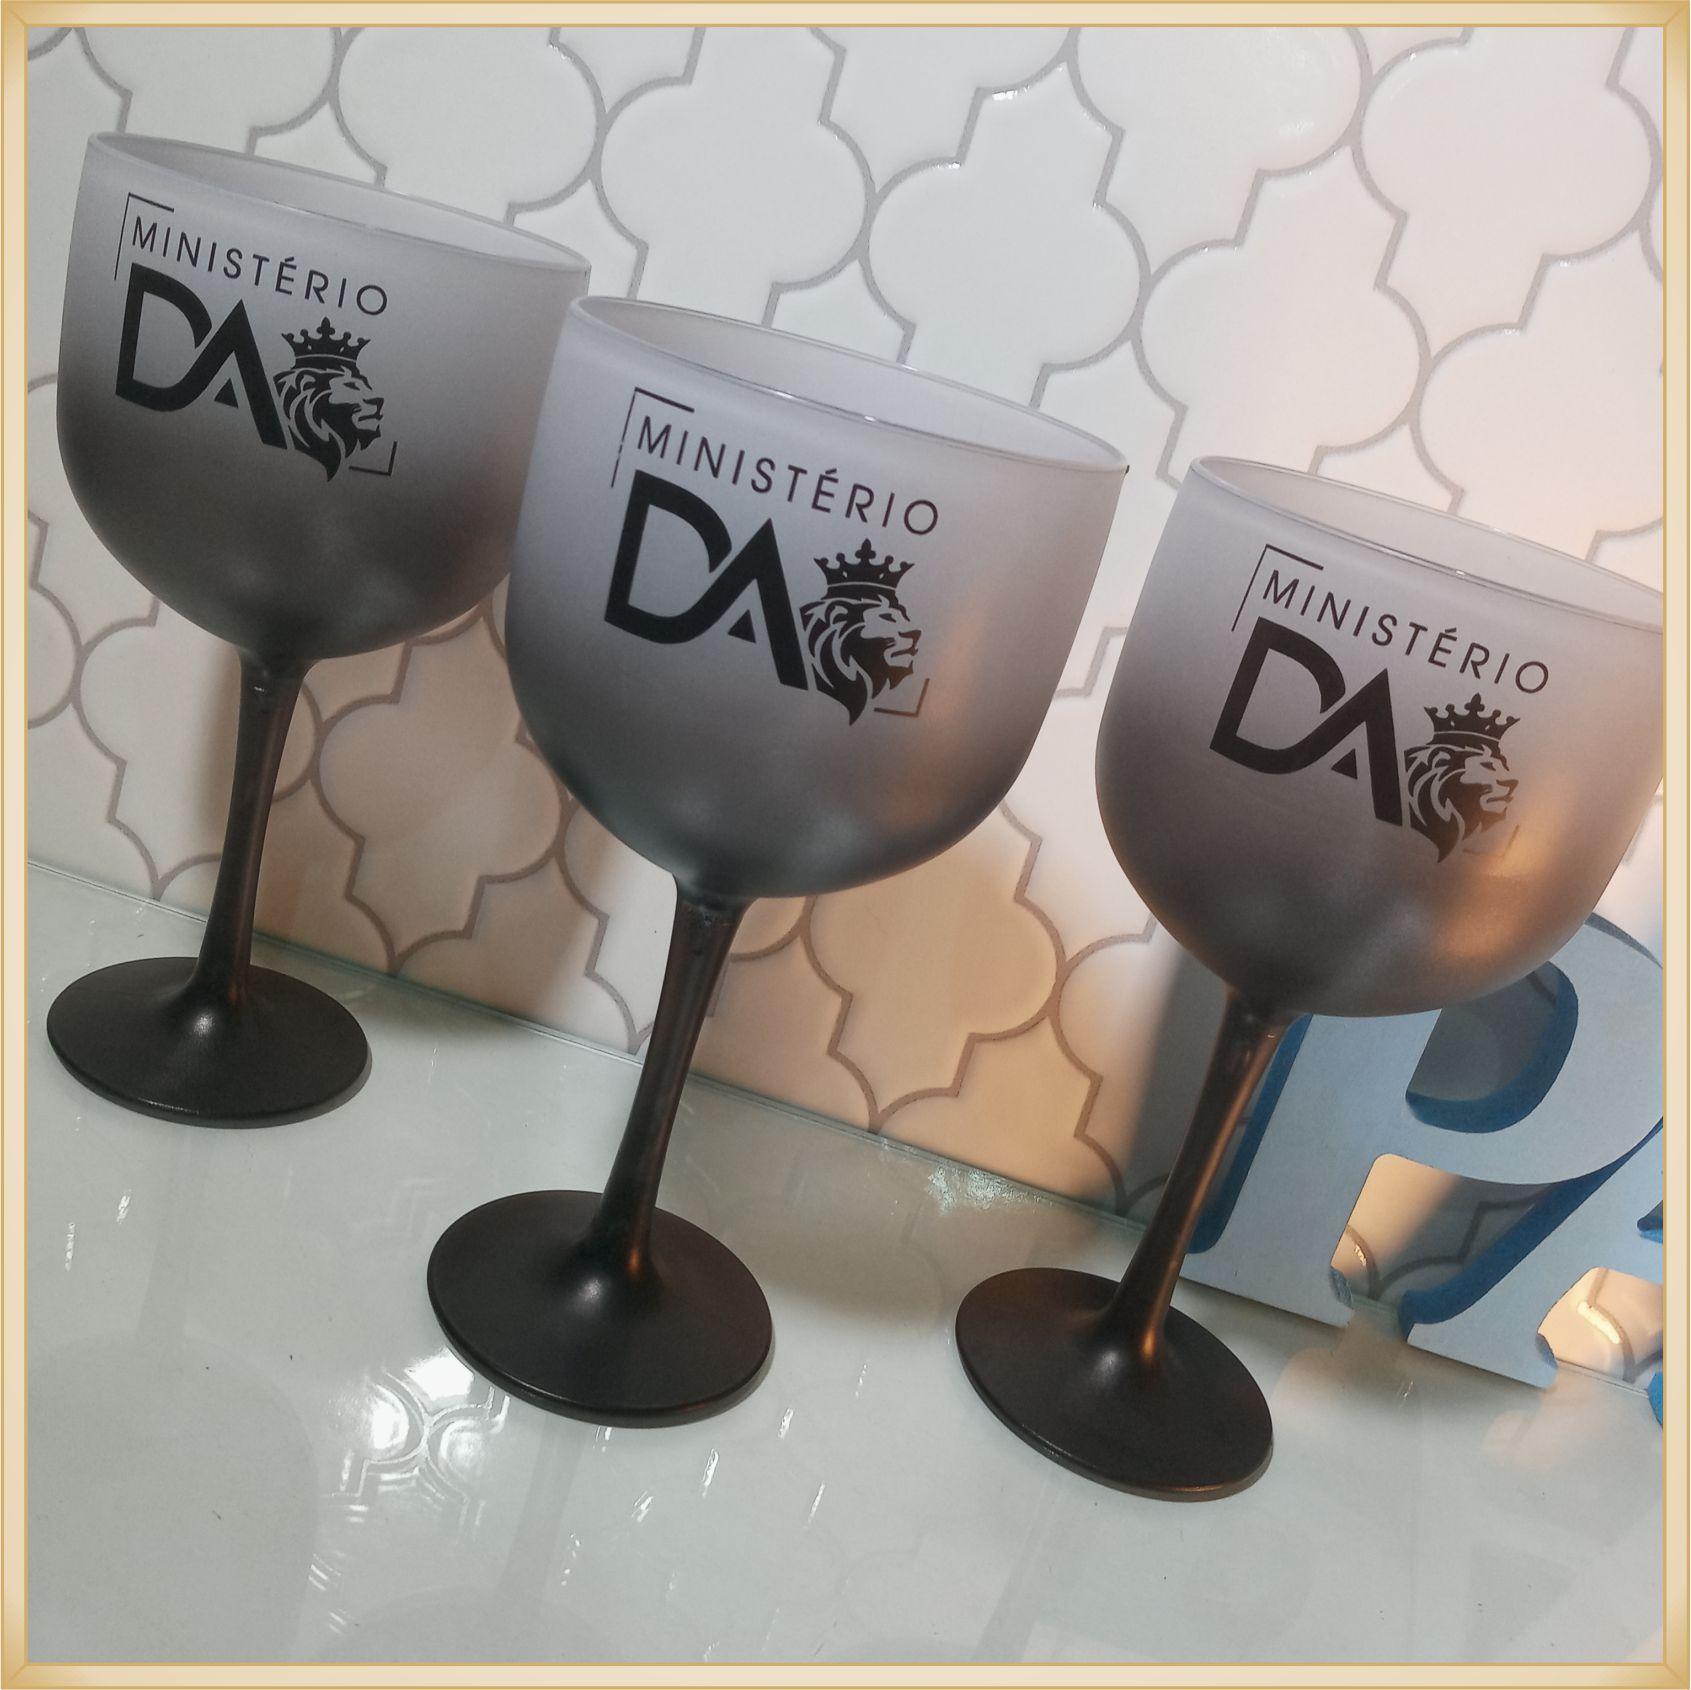 Taças de gin degradê personalizadas - kit com 15 unidades